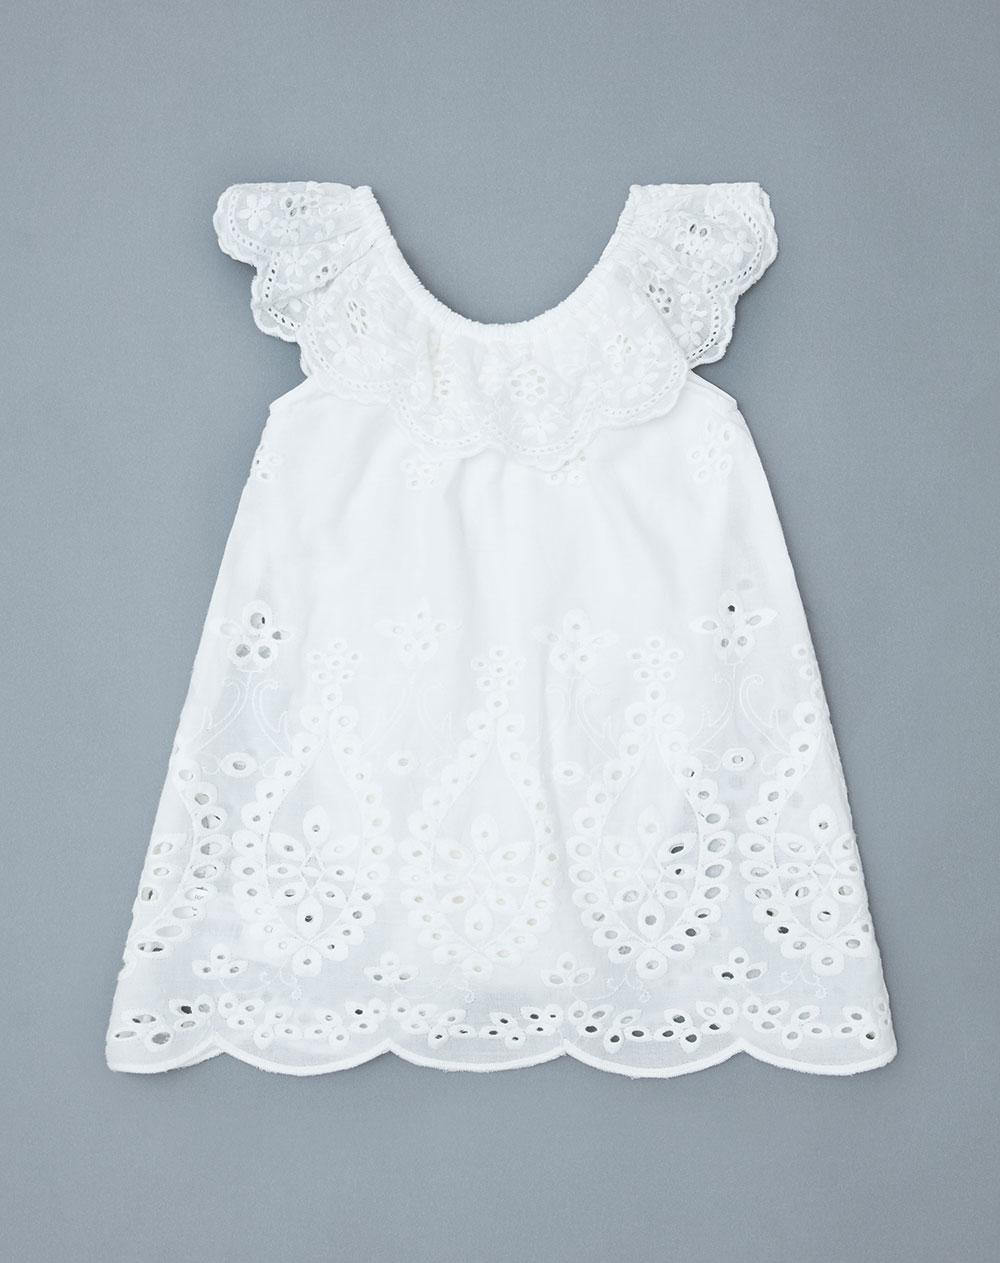 8a480ba43500 Vestido para Bebé Niña Gaxu Blanco Baby Fresh